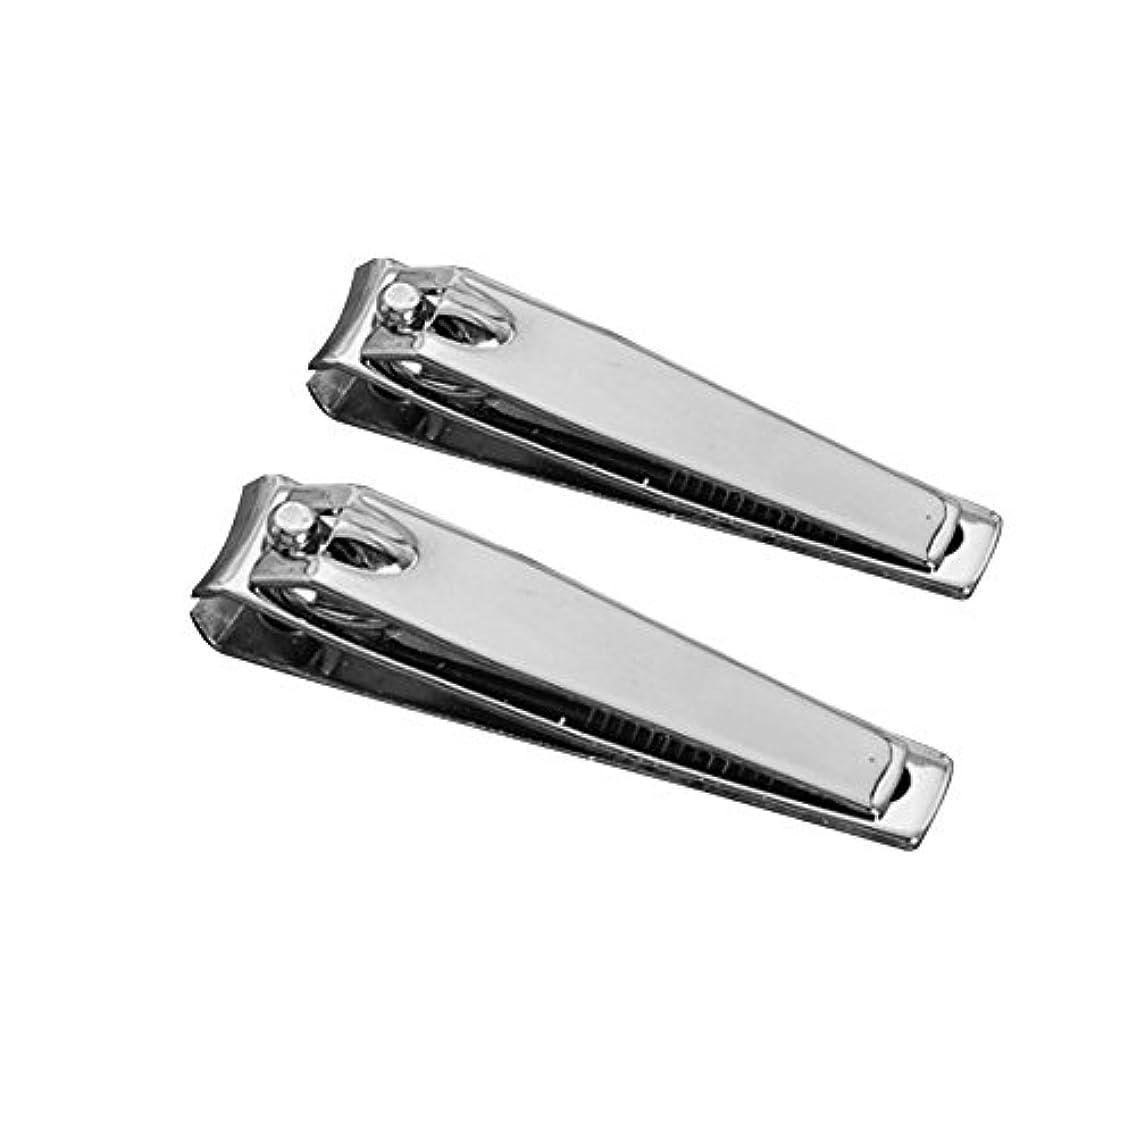 刺激するファイターはさみRuikey 爪切り ネイルはさみ ステンレス製 2個セット